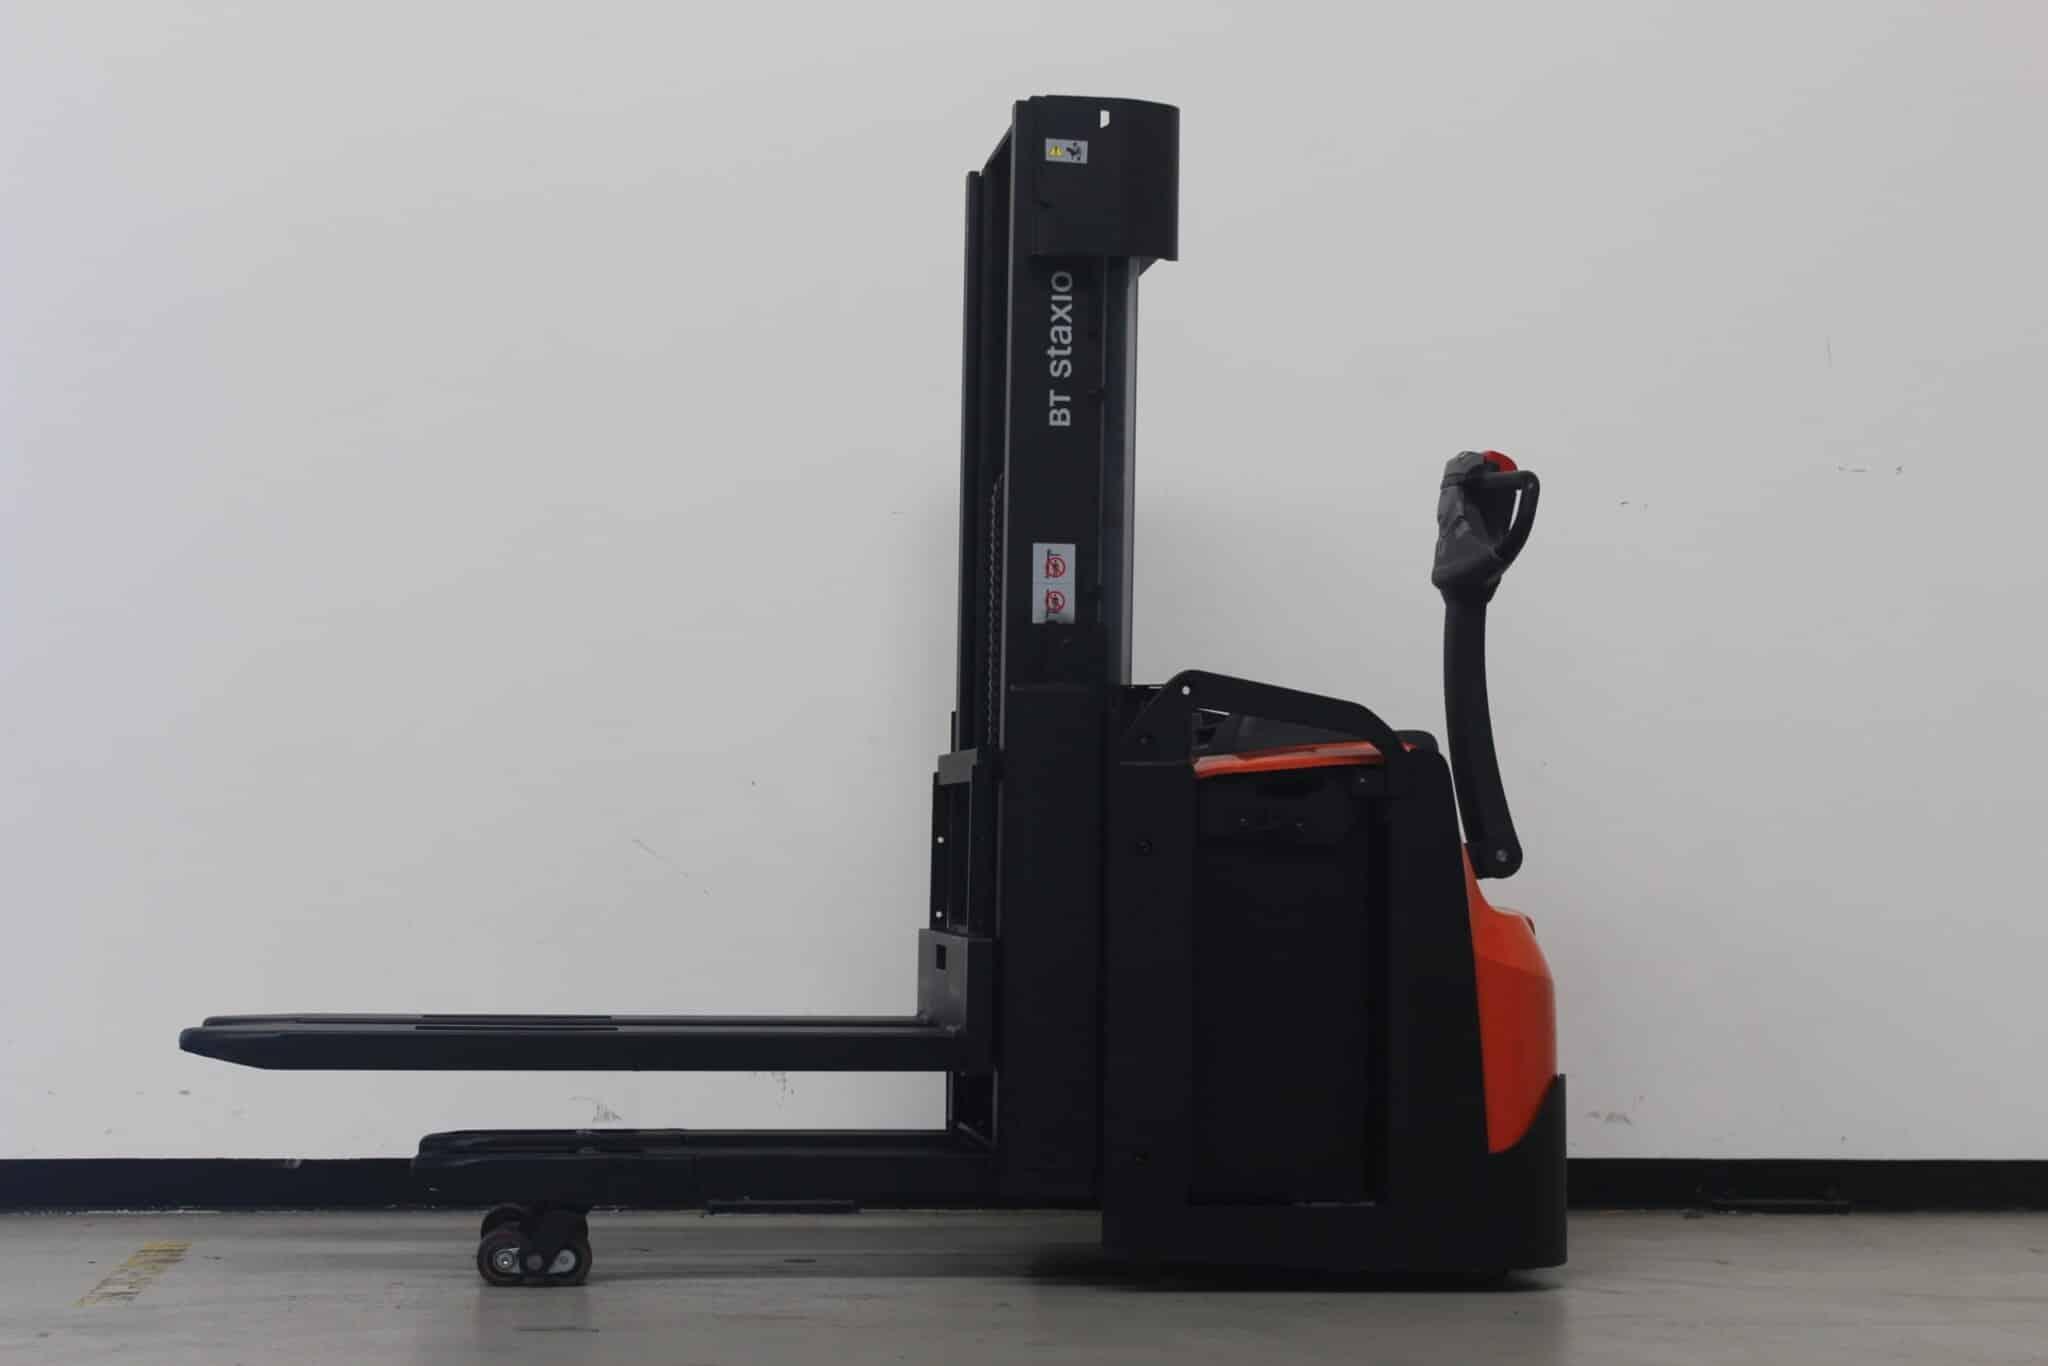 Toyota-Gabelstapler-59840 1707015496 1 1 scaled